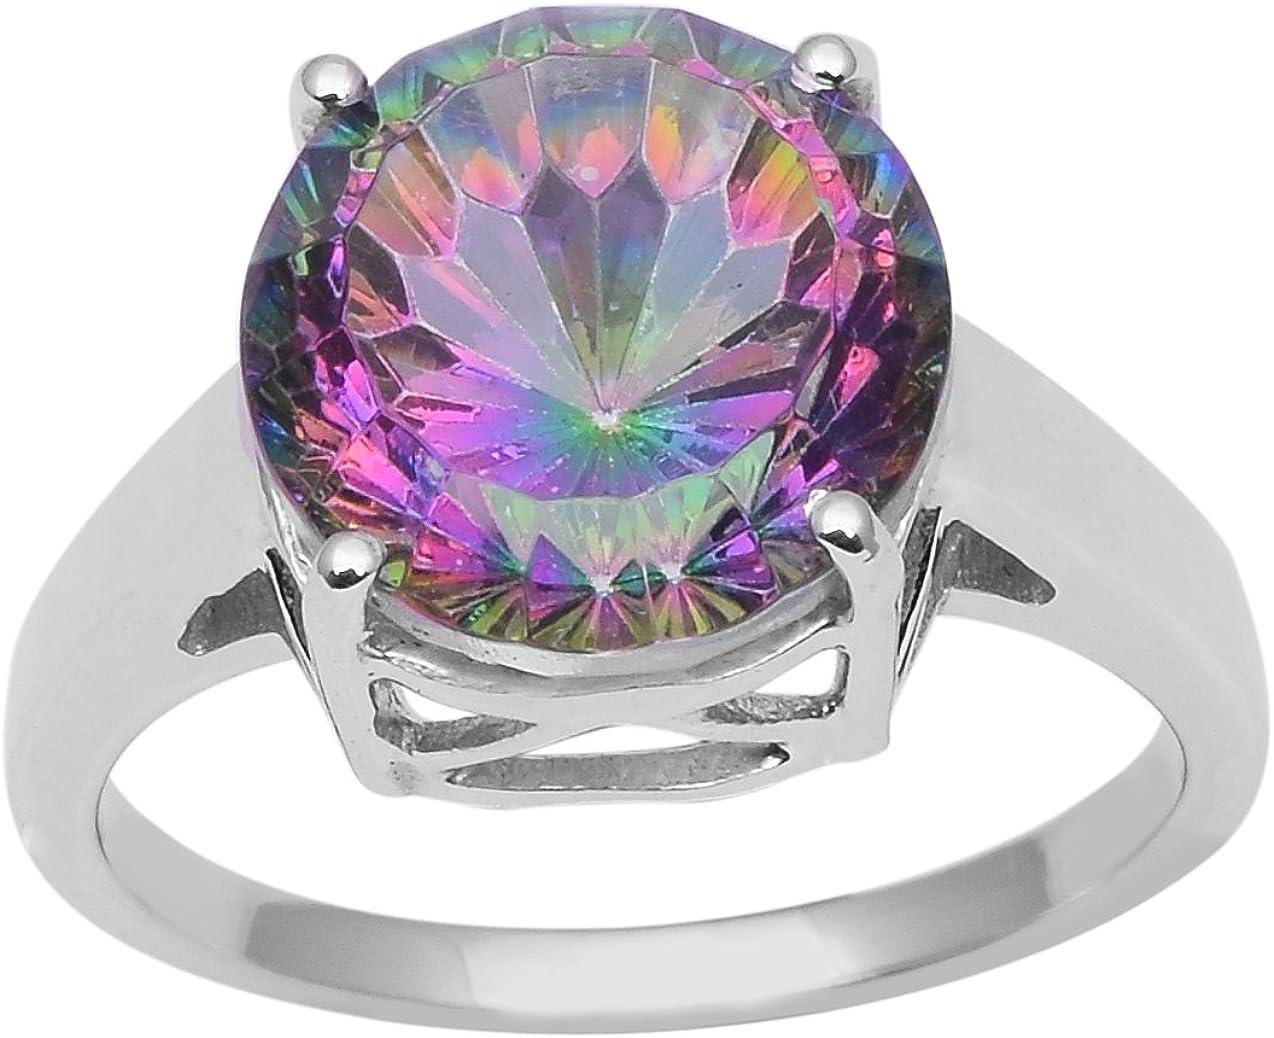 Shine Jewel Juego de Anillos de Promesa de halo de Plata esterlina con topacio místico y Piedras Preciosas en Plata de Ley 925 (N 1/2)